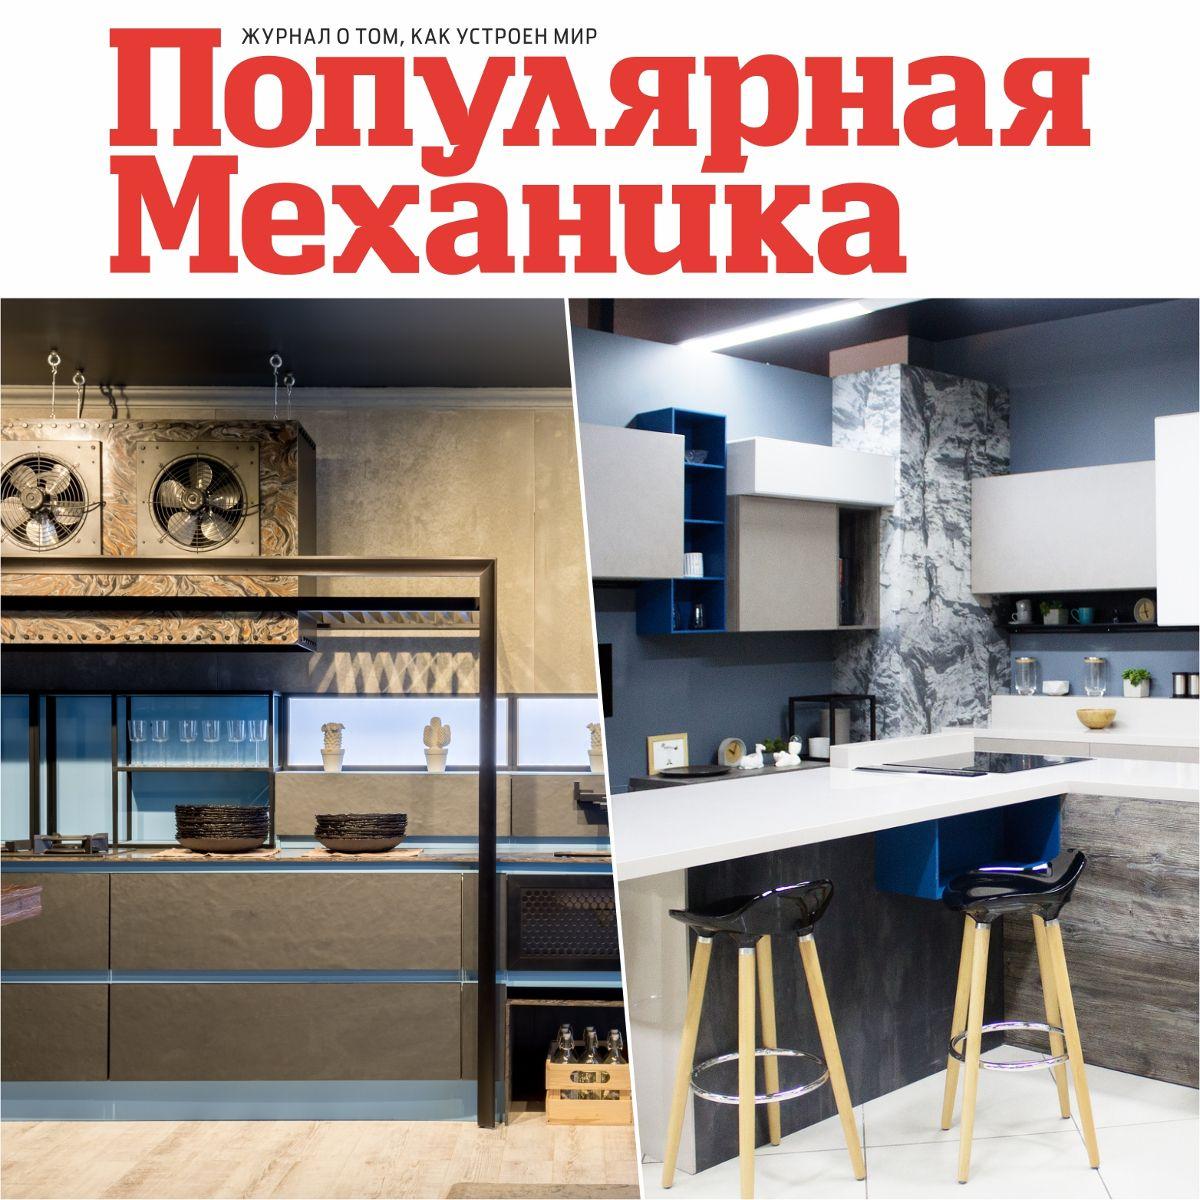 Журнал «Популярная механика»: «Огнем, железом и продуктами: проверяем кухни на прочность»